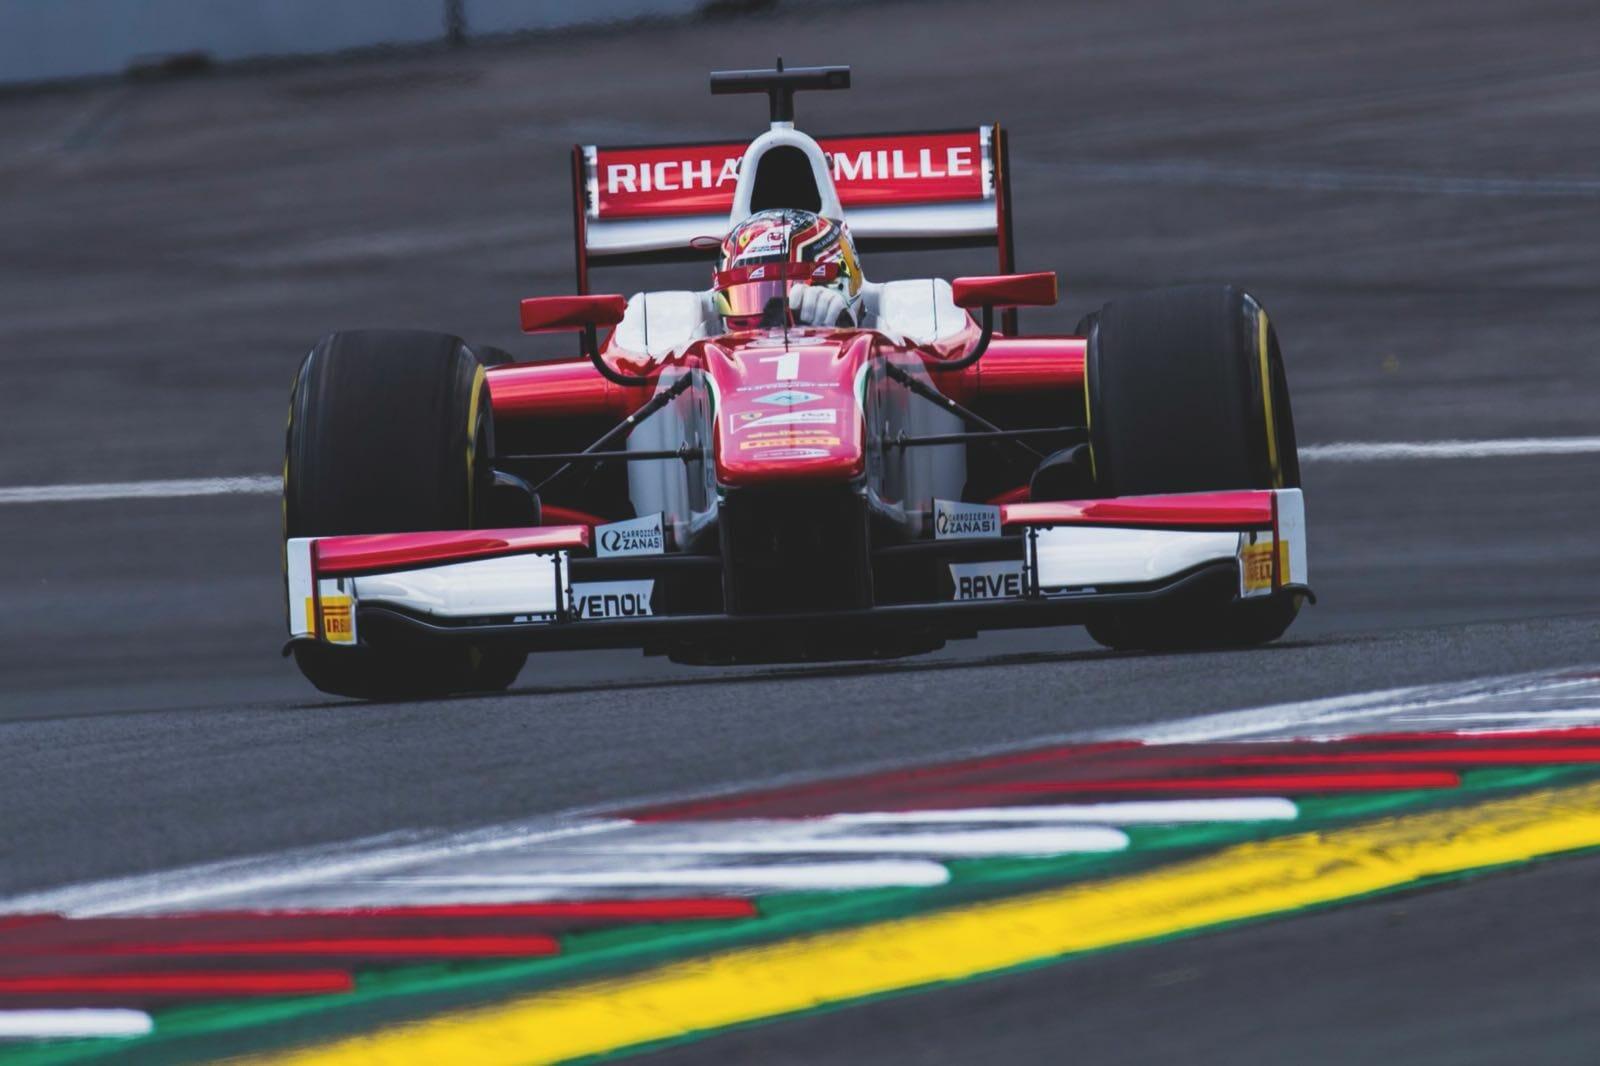 Шарль Леклер - третий монегаск в истории Формулы 1